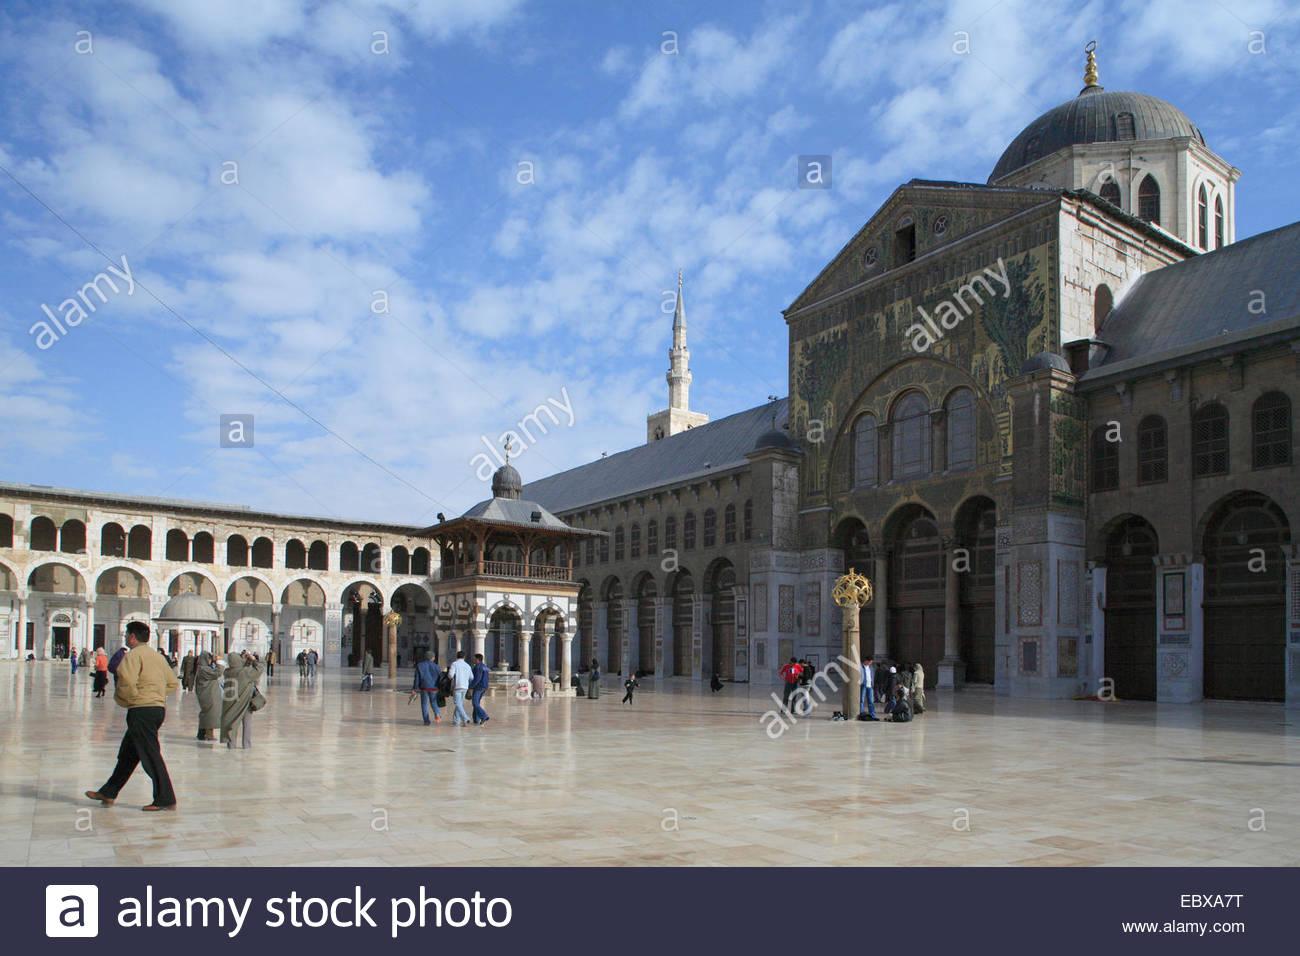 Umayyad mosque (708-715), Syria, Damaskus - Stock Image